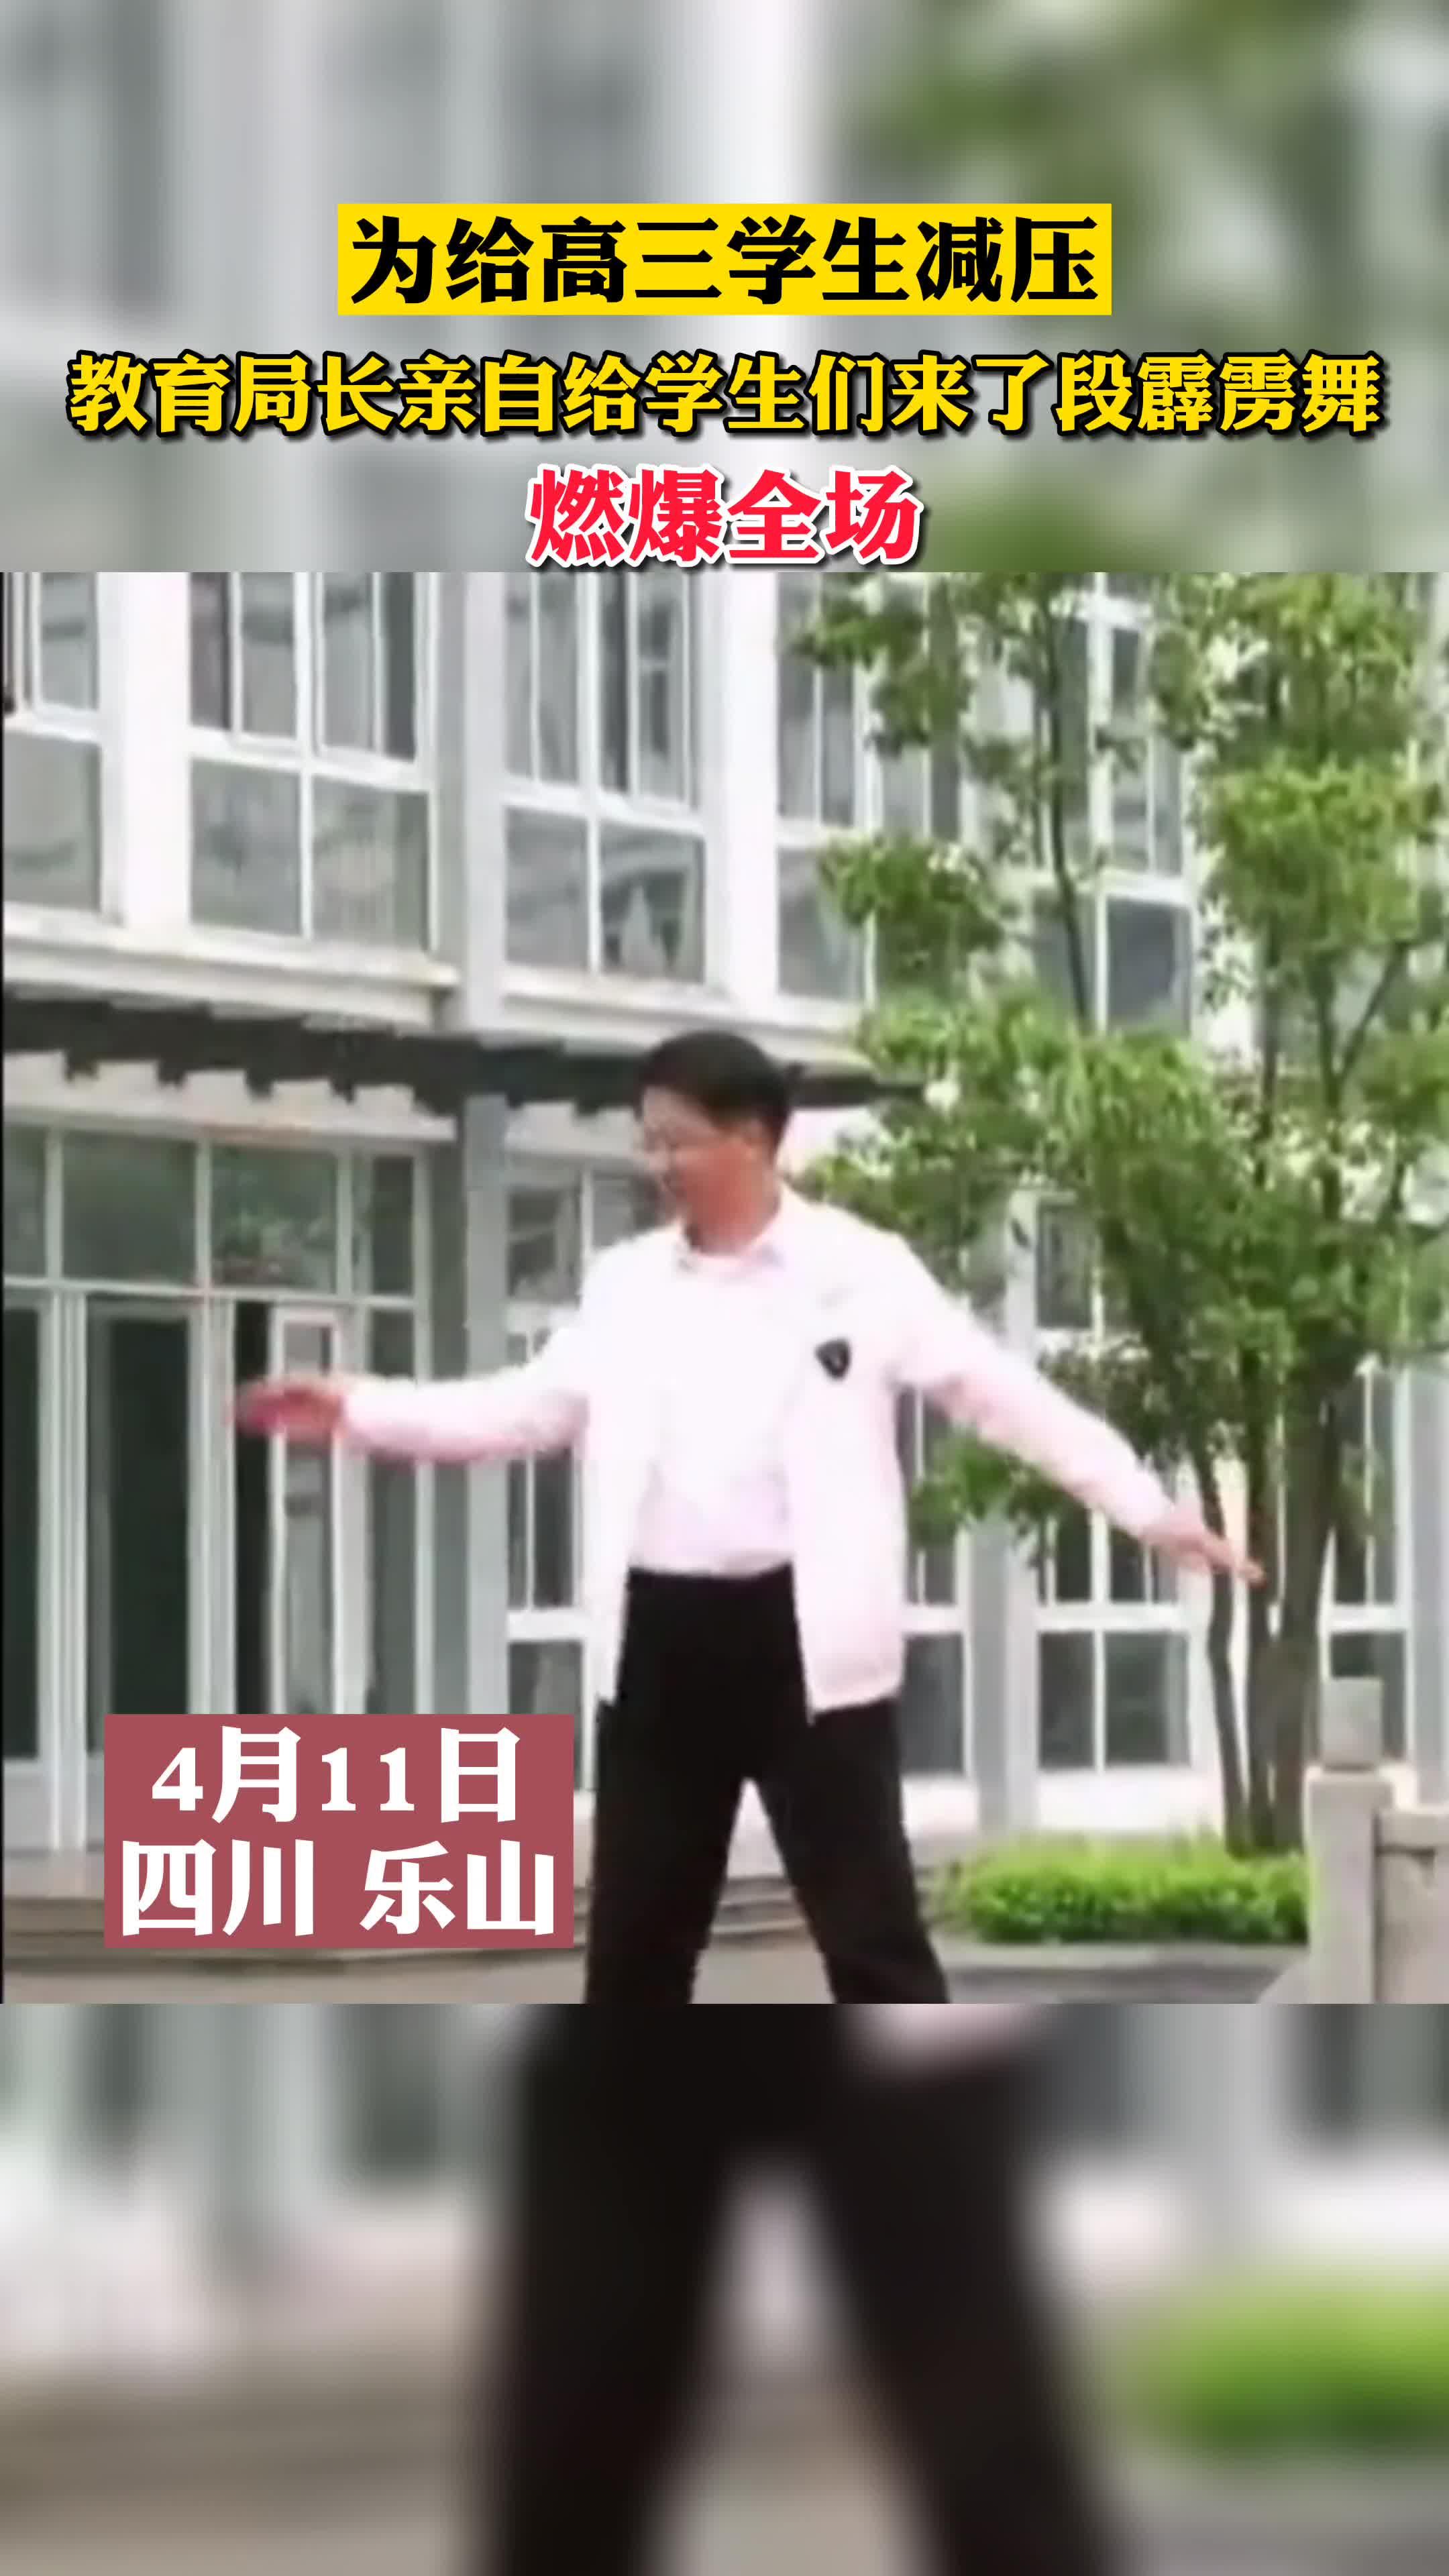 楚天都市报极目新闻: 为给高三学生减压,教育局长亲自给学生们来了段霹雳舞,燃爆全场